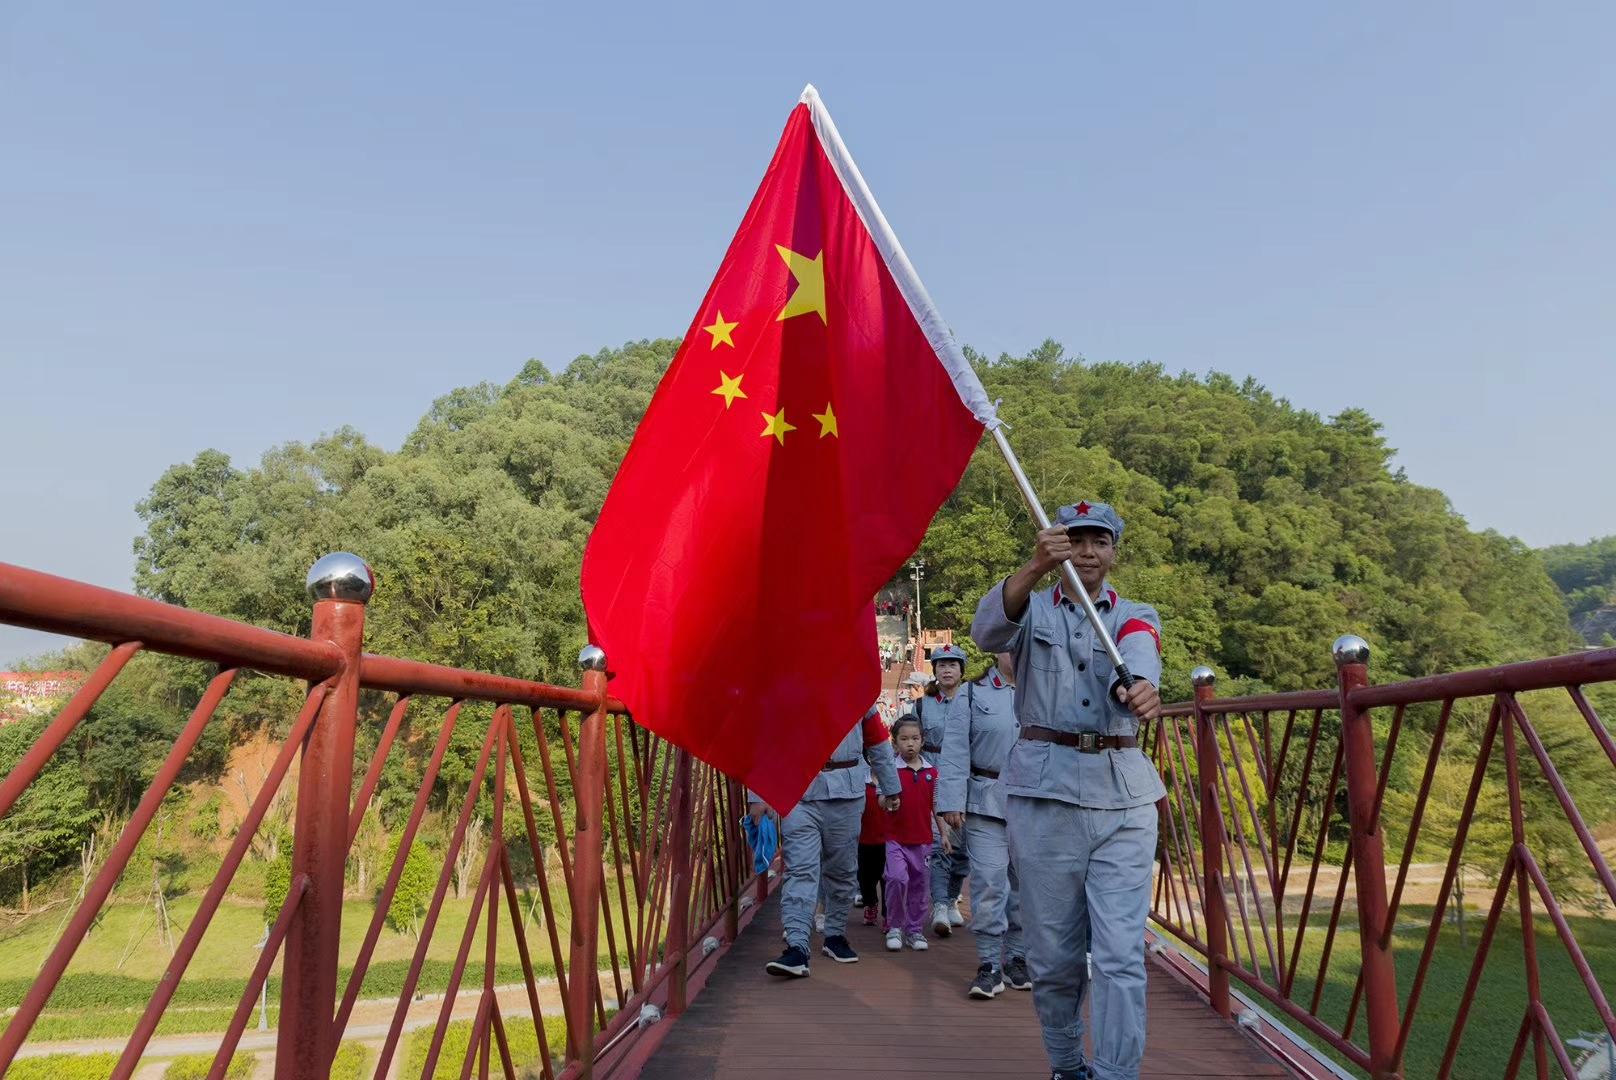 兴博旅全程辅导 百色起义纪念园创建5A景区成功(图2)